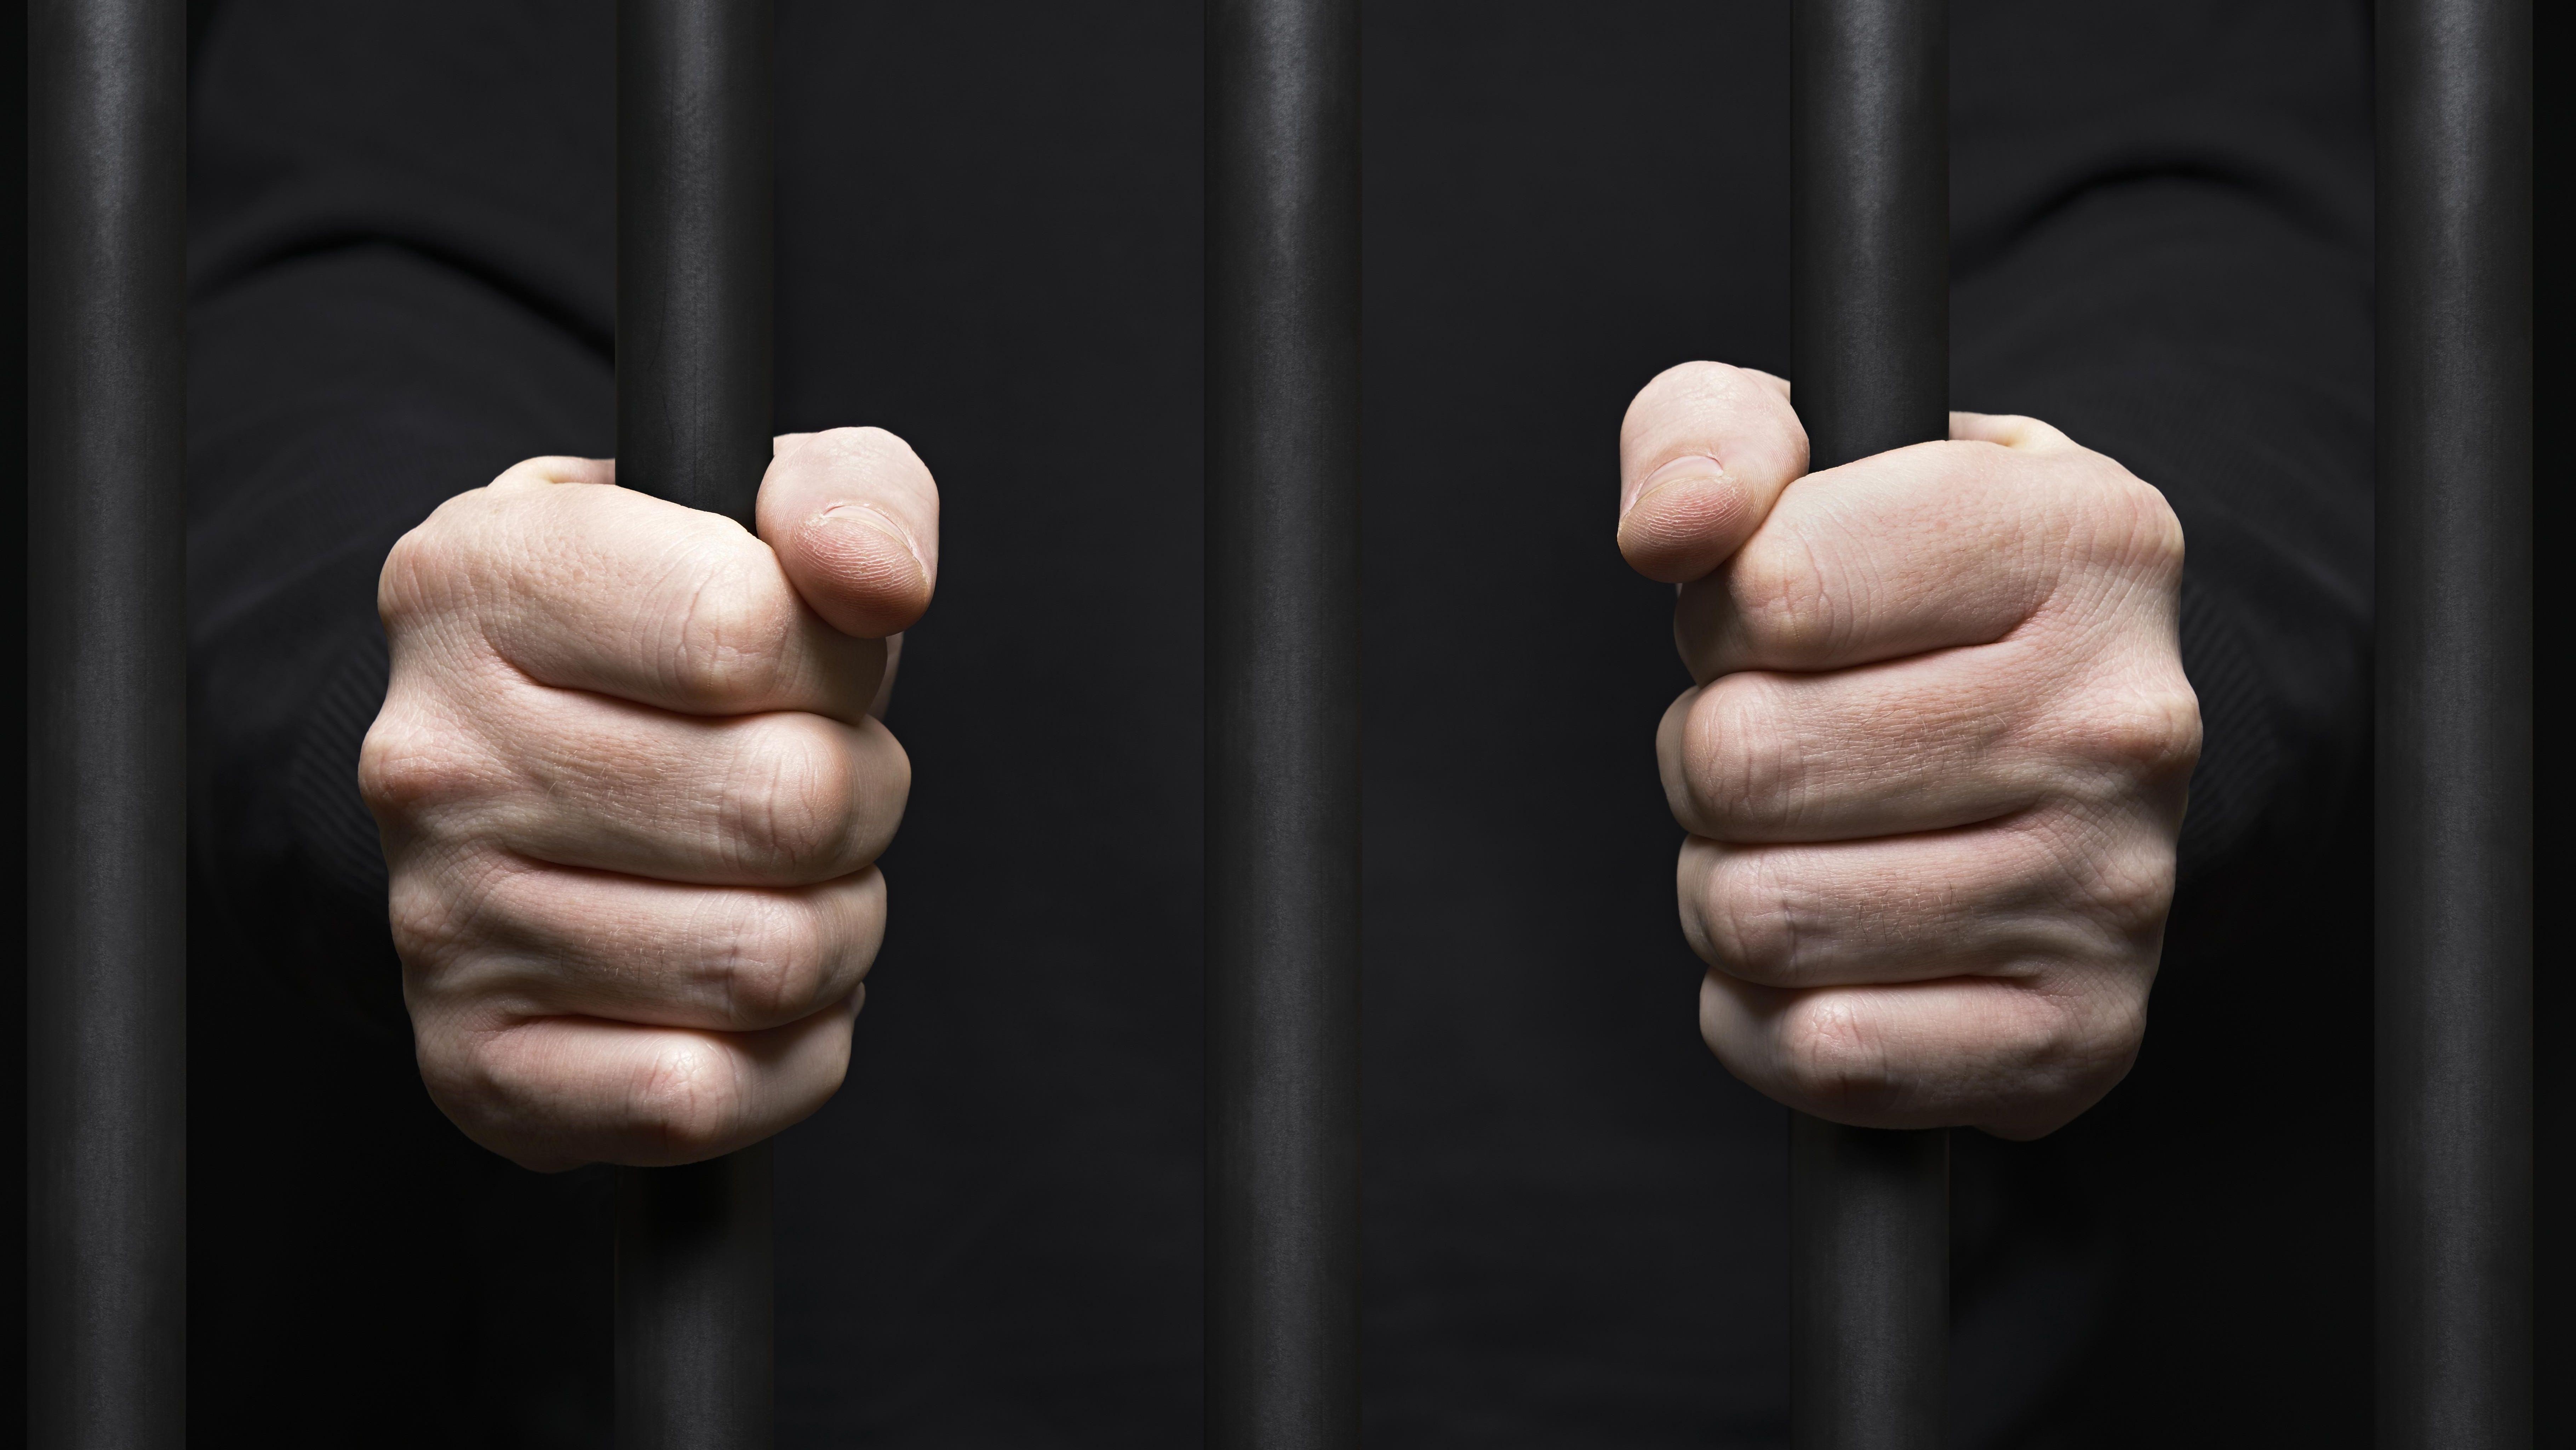 Häftling umklammert Gitterstäbe